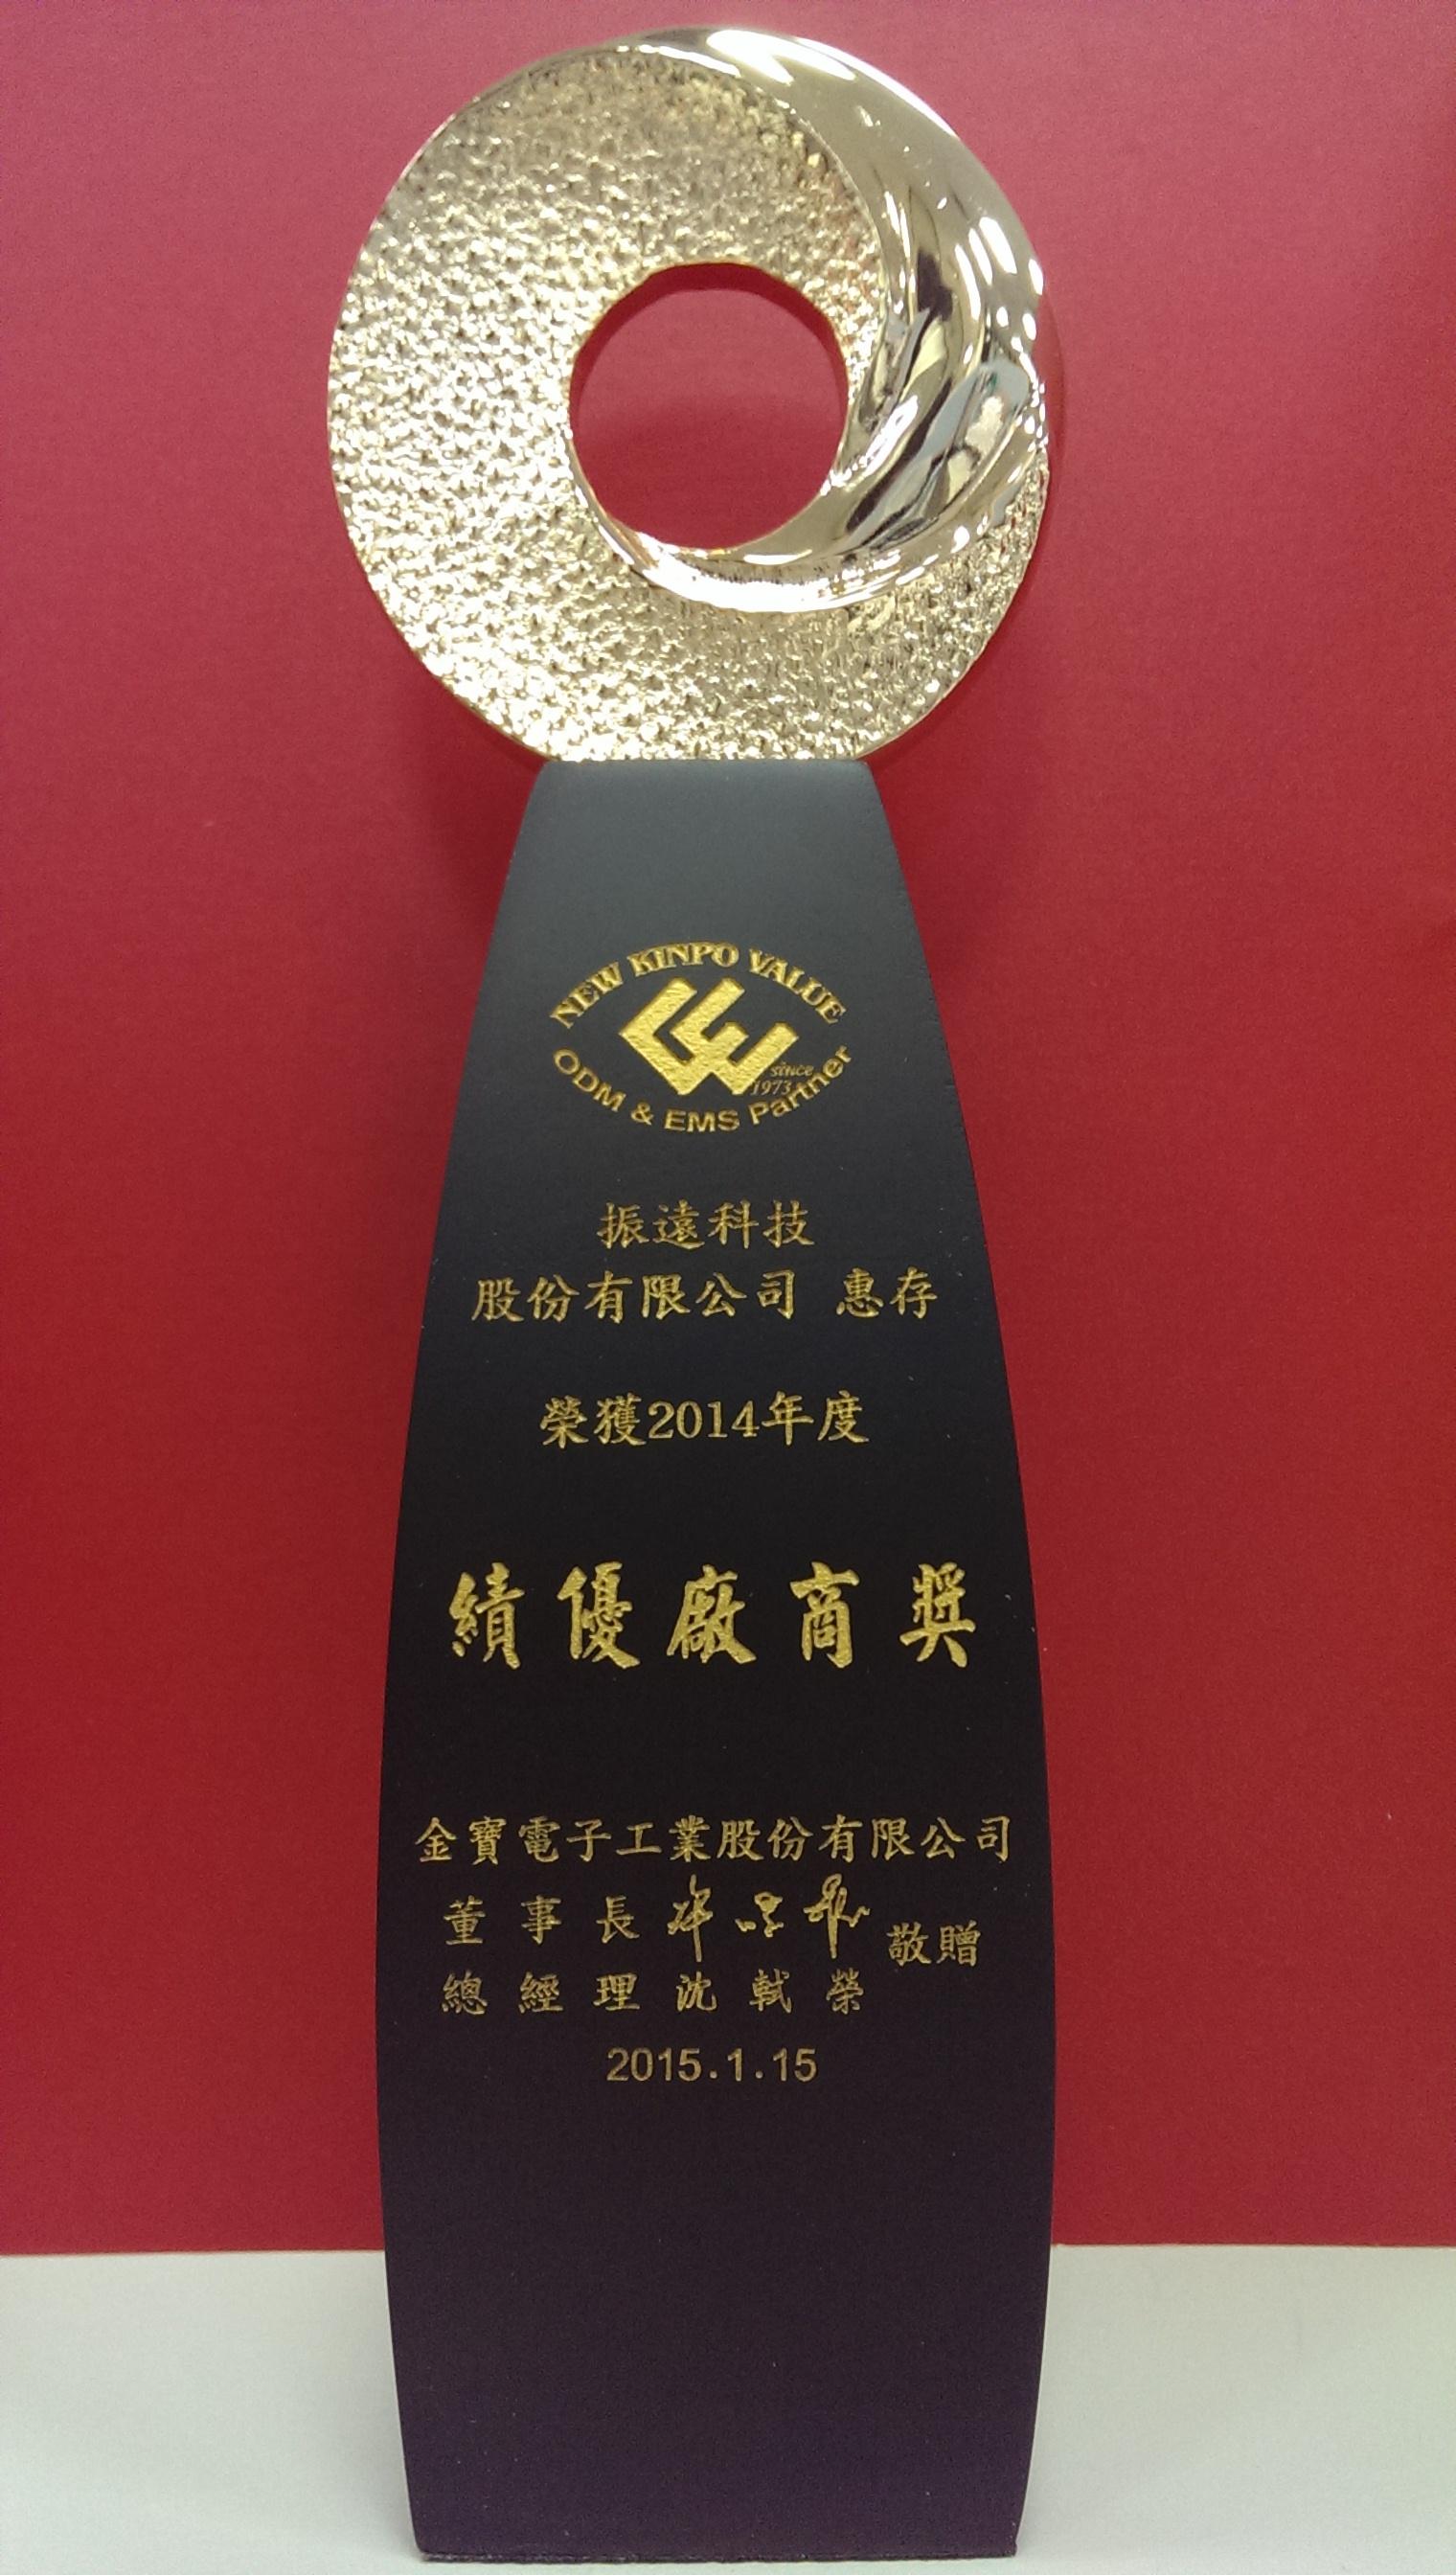 2014 绩优厂商奖